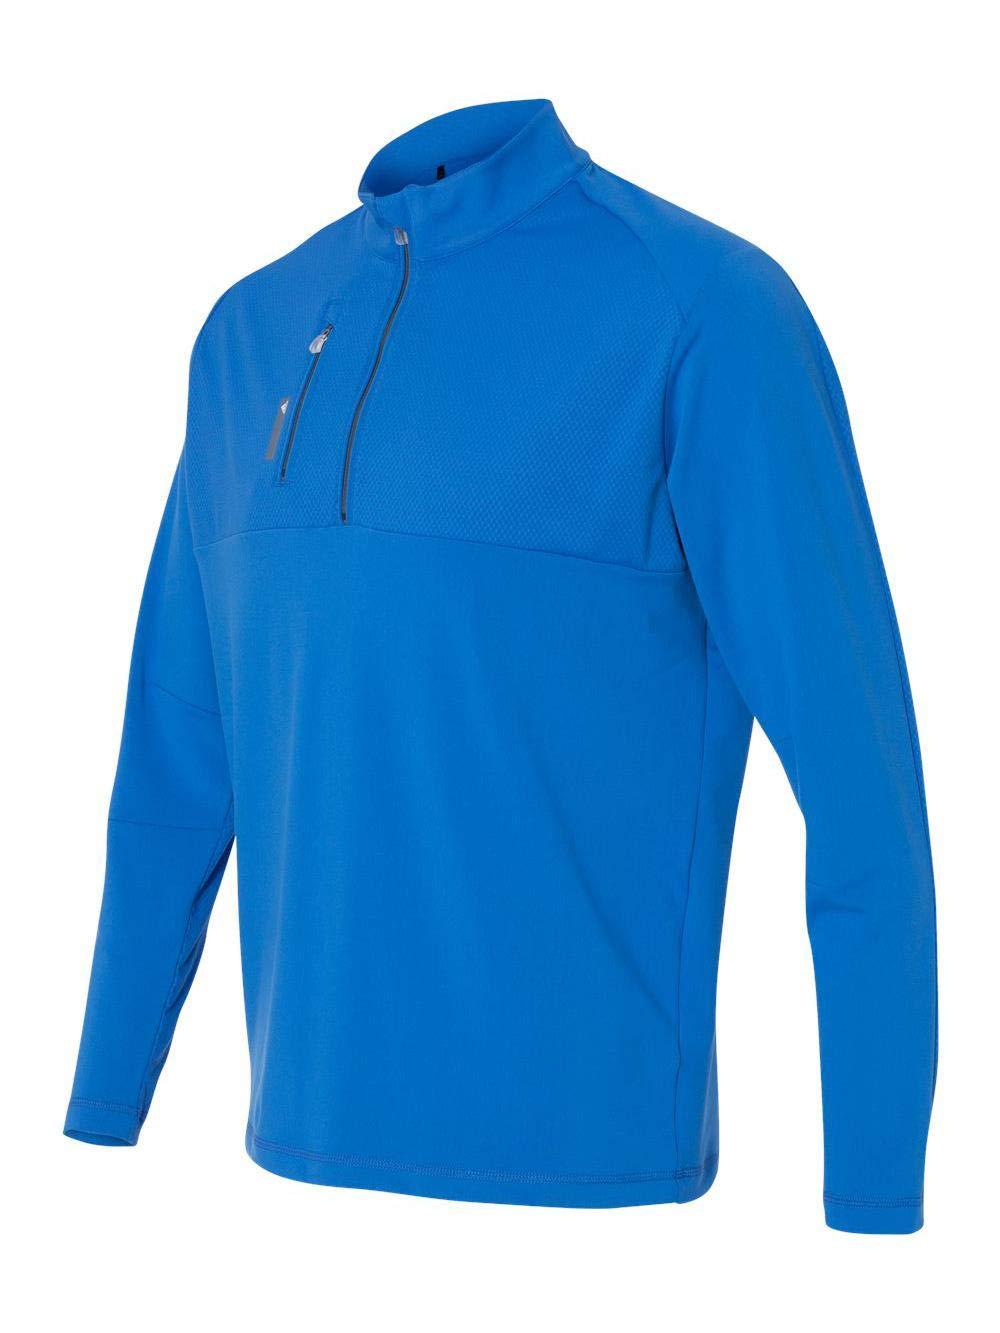 adidas Golf Mens Puremotion Mixed Media Quarter-Zip (A195), Brt Royal/Lead, Small